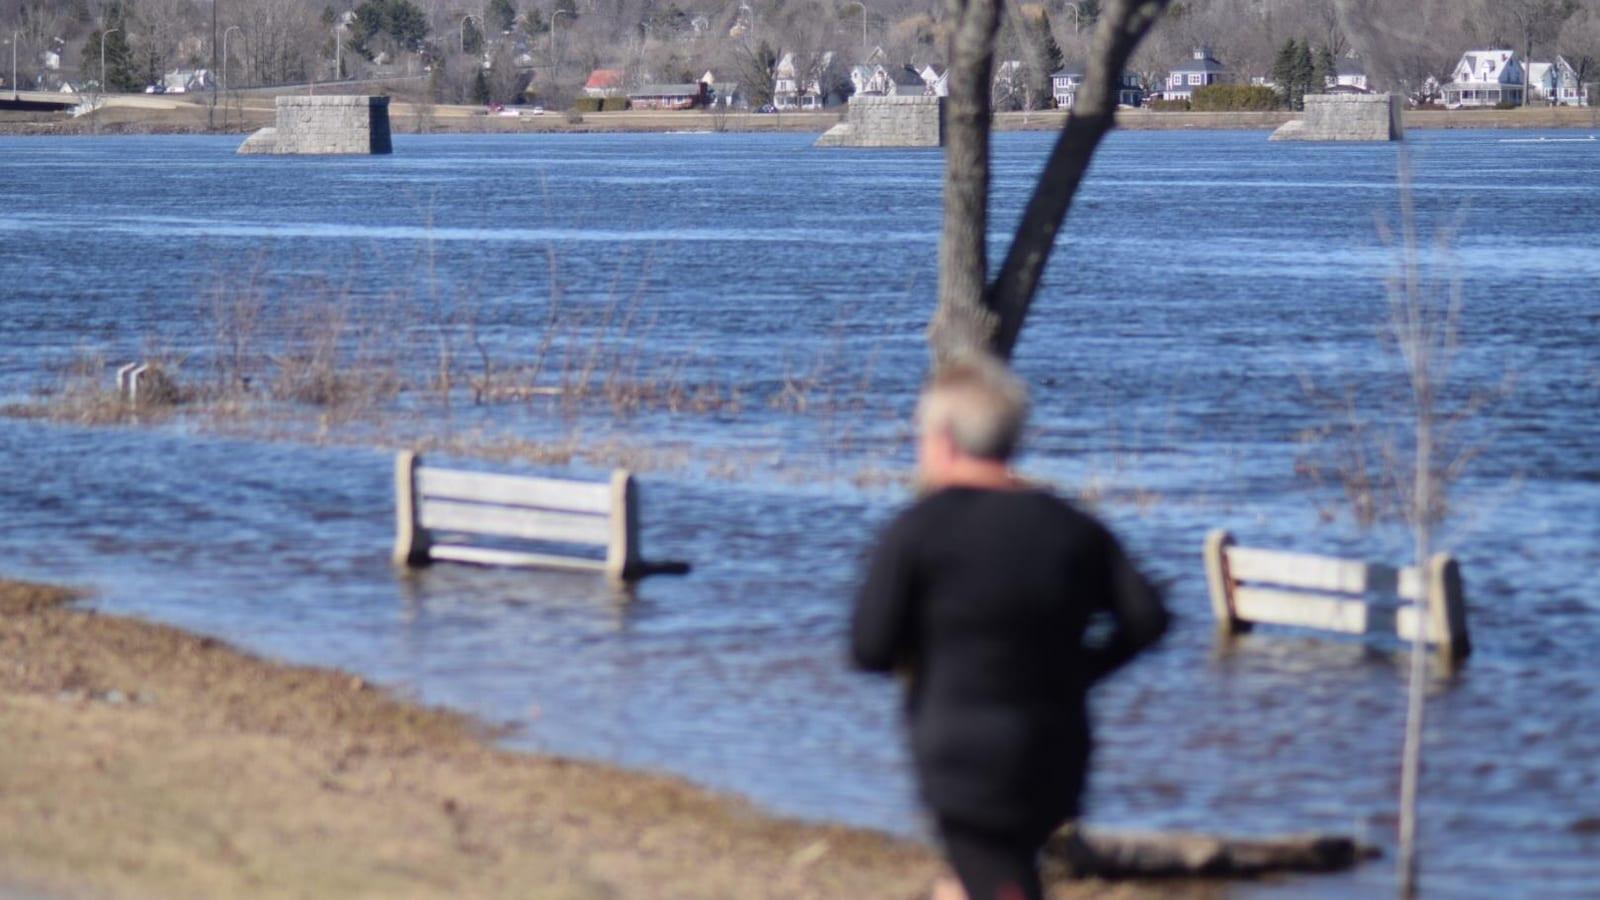 Un parc est englouti sous la crue des eaux à Fredricton.